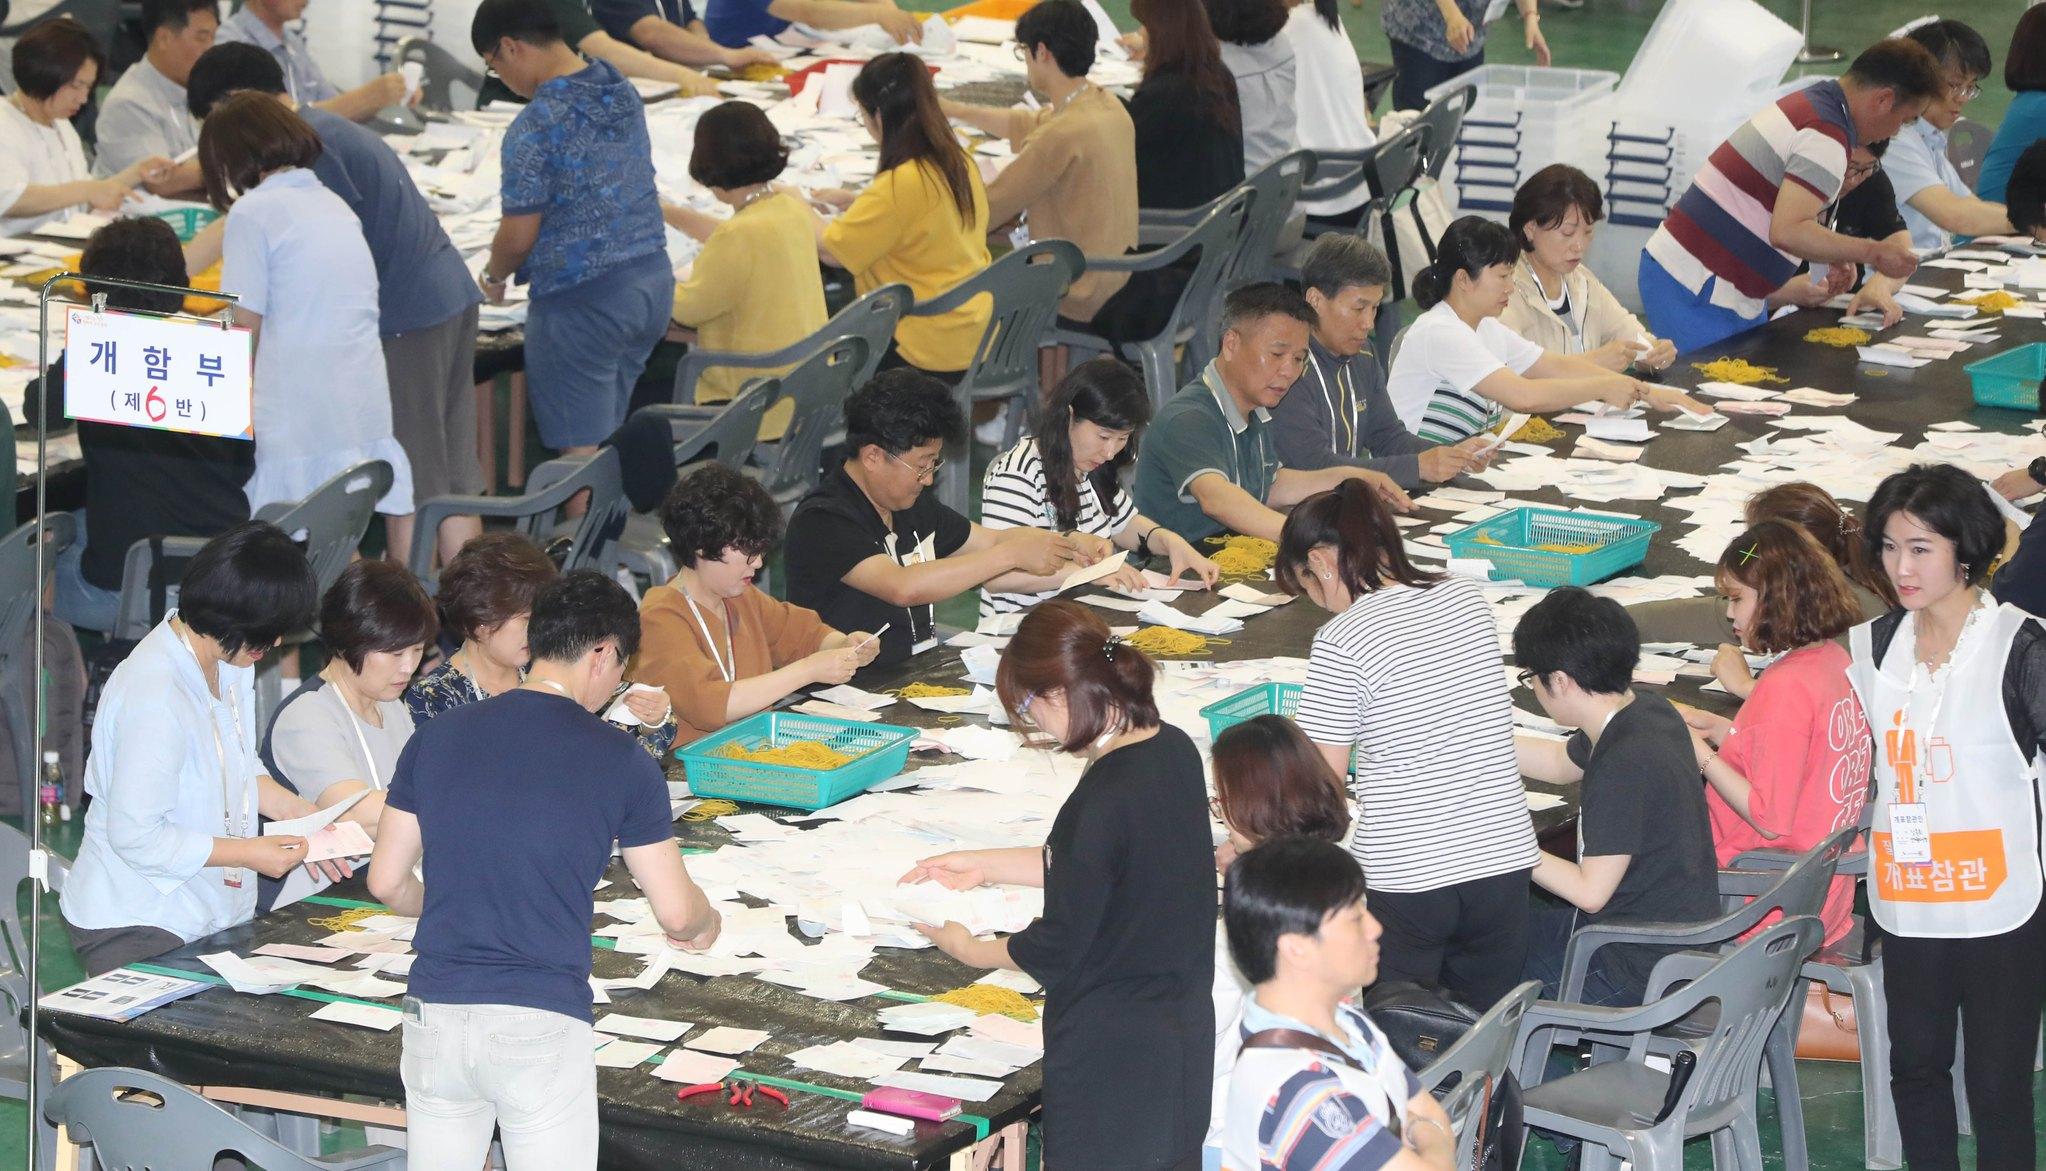 13일 오후 대전 서구 무역전시관에 마련된 개표소에서 선거관리위원회 직원과 개표사무원들이 6·13 지방선거 투표용지를 분류하고 있다. [뉴스1]